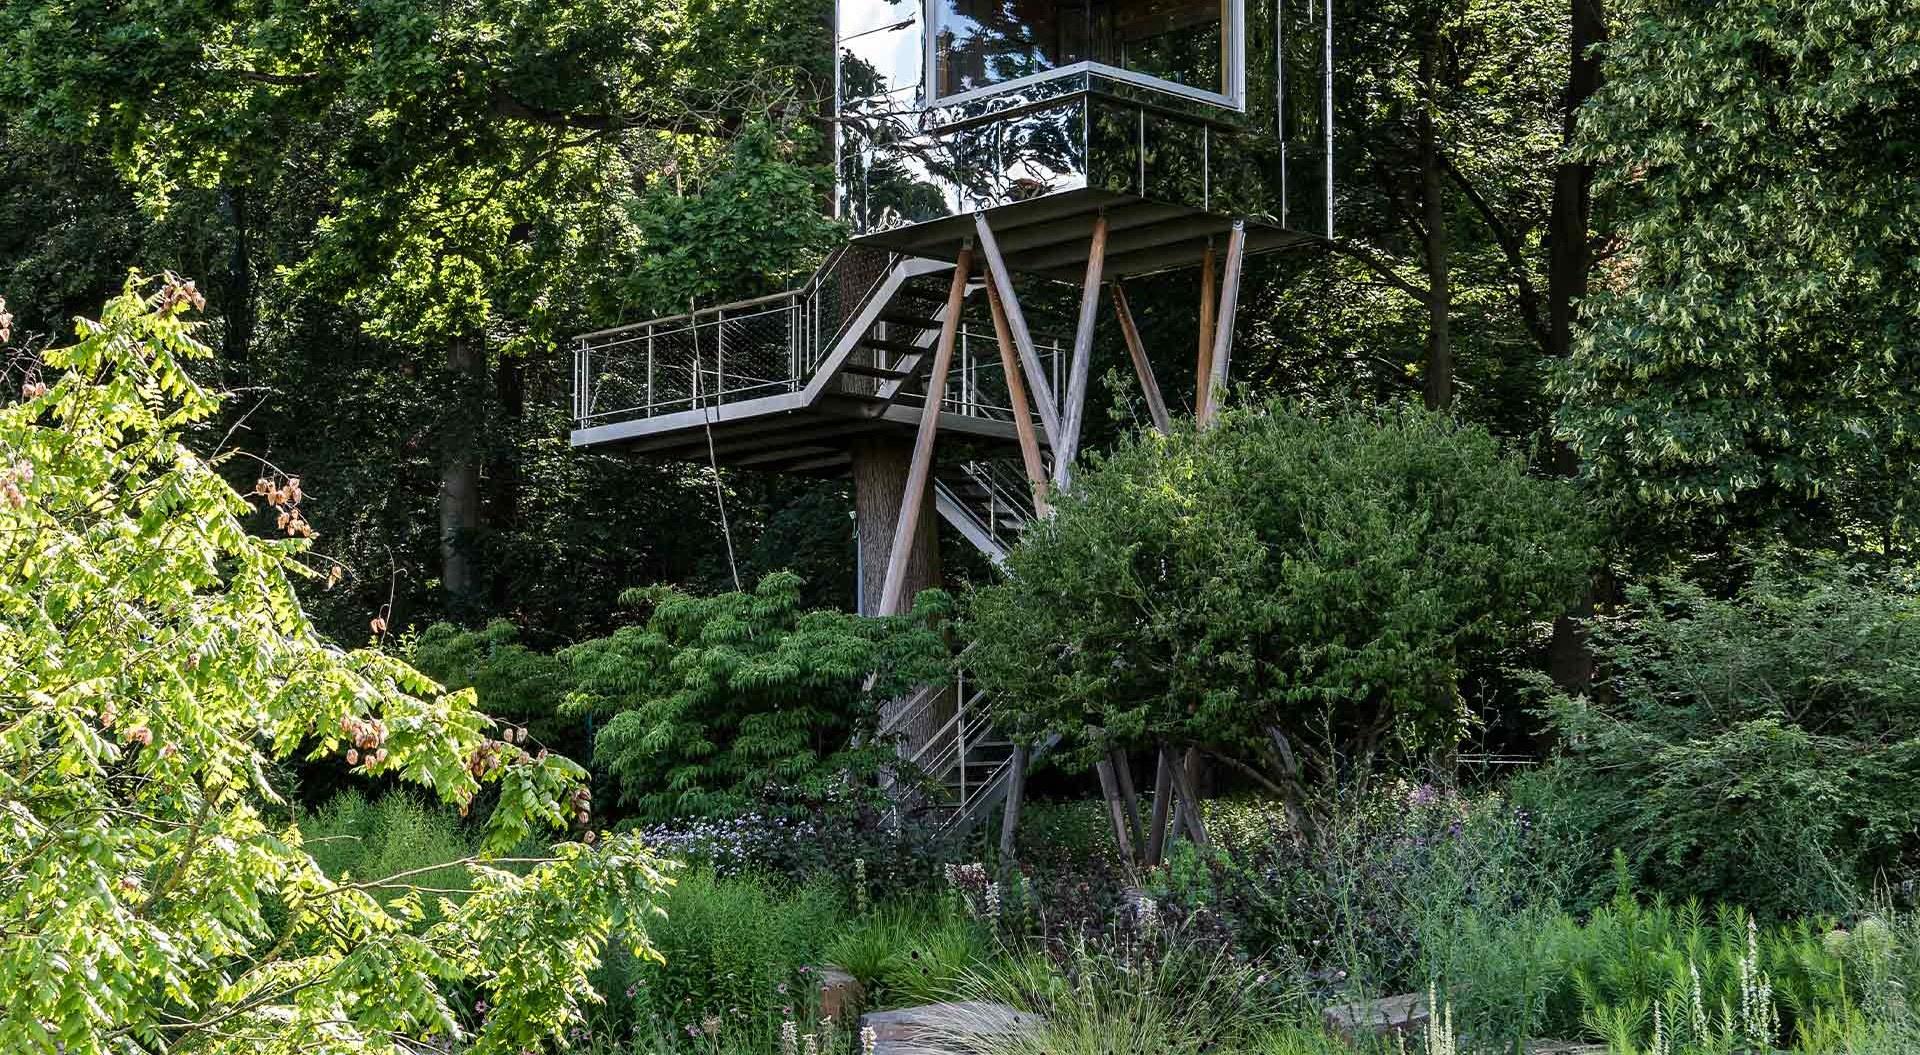 Modernes Glas-Holz-Baumhaus in saftig grüner Umgebung